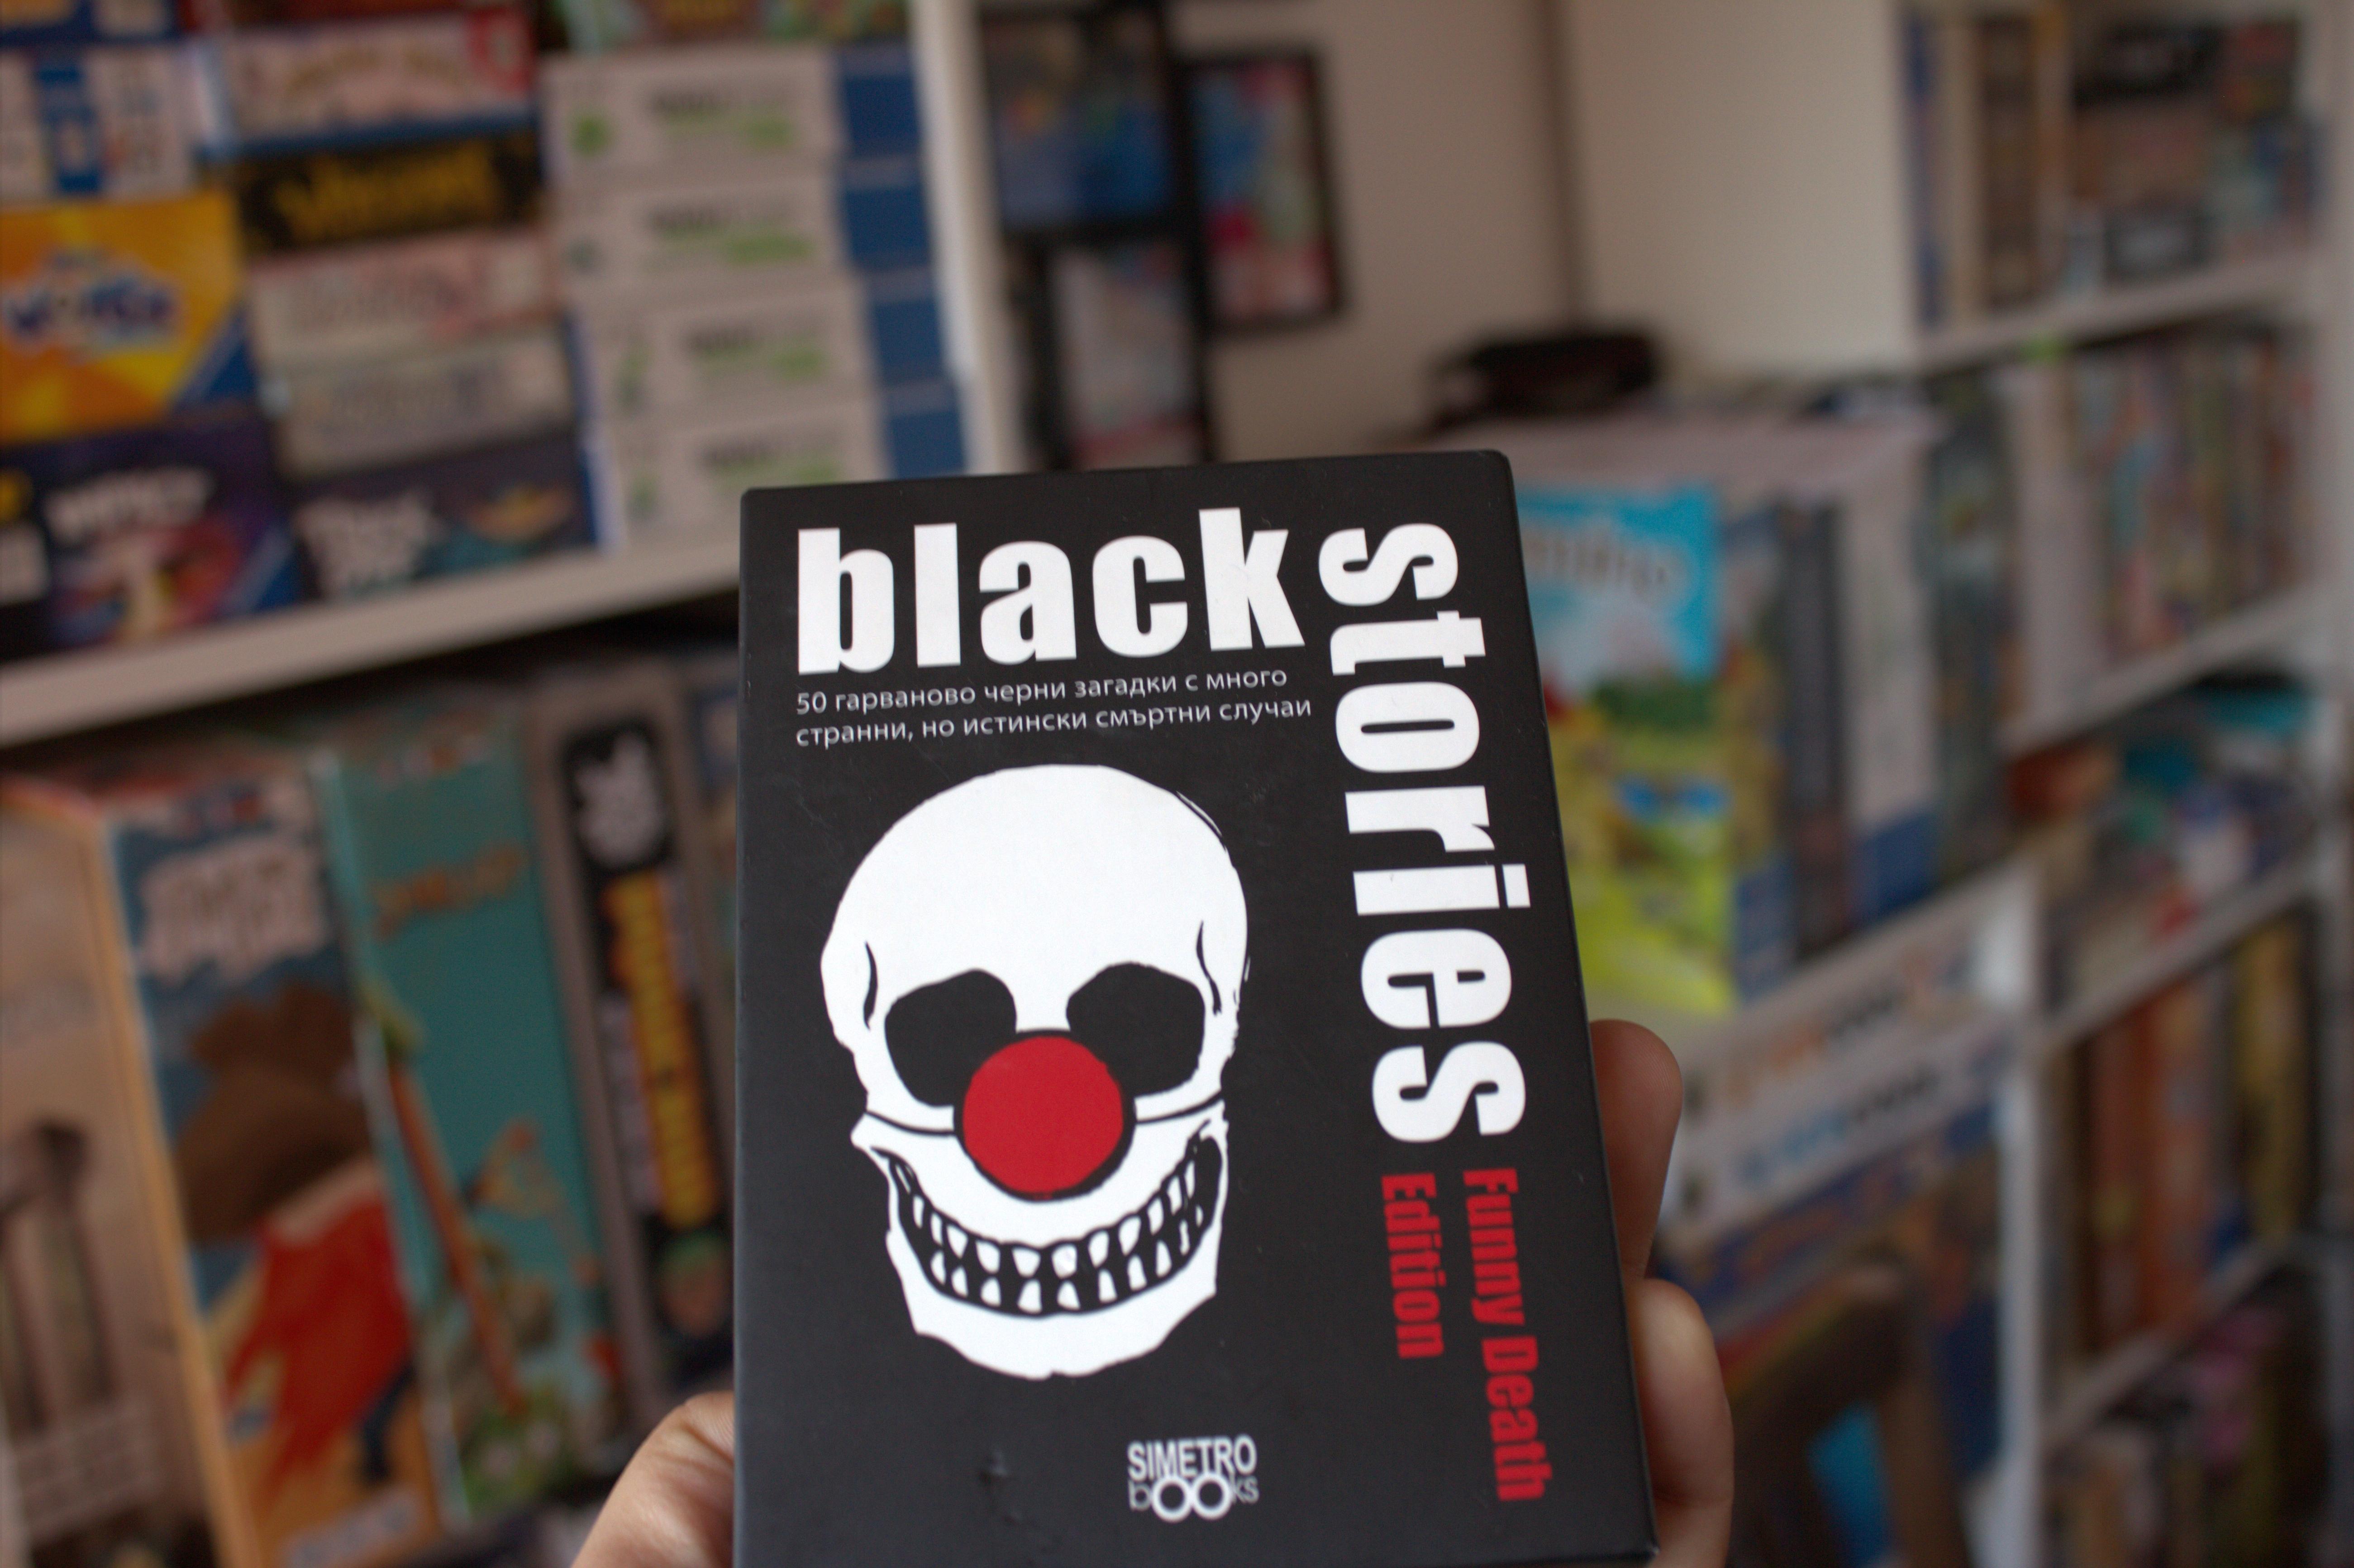 Black Stories – колекция от загадки и парадокси